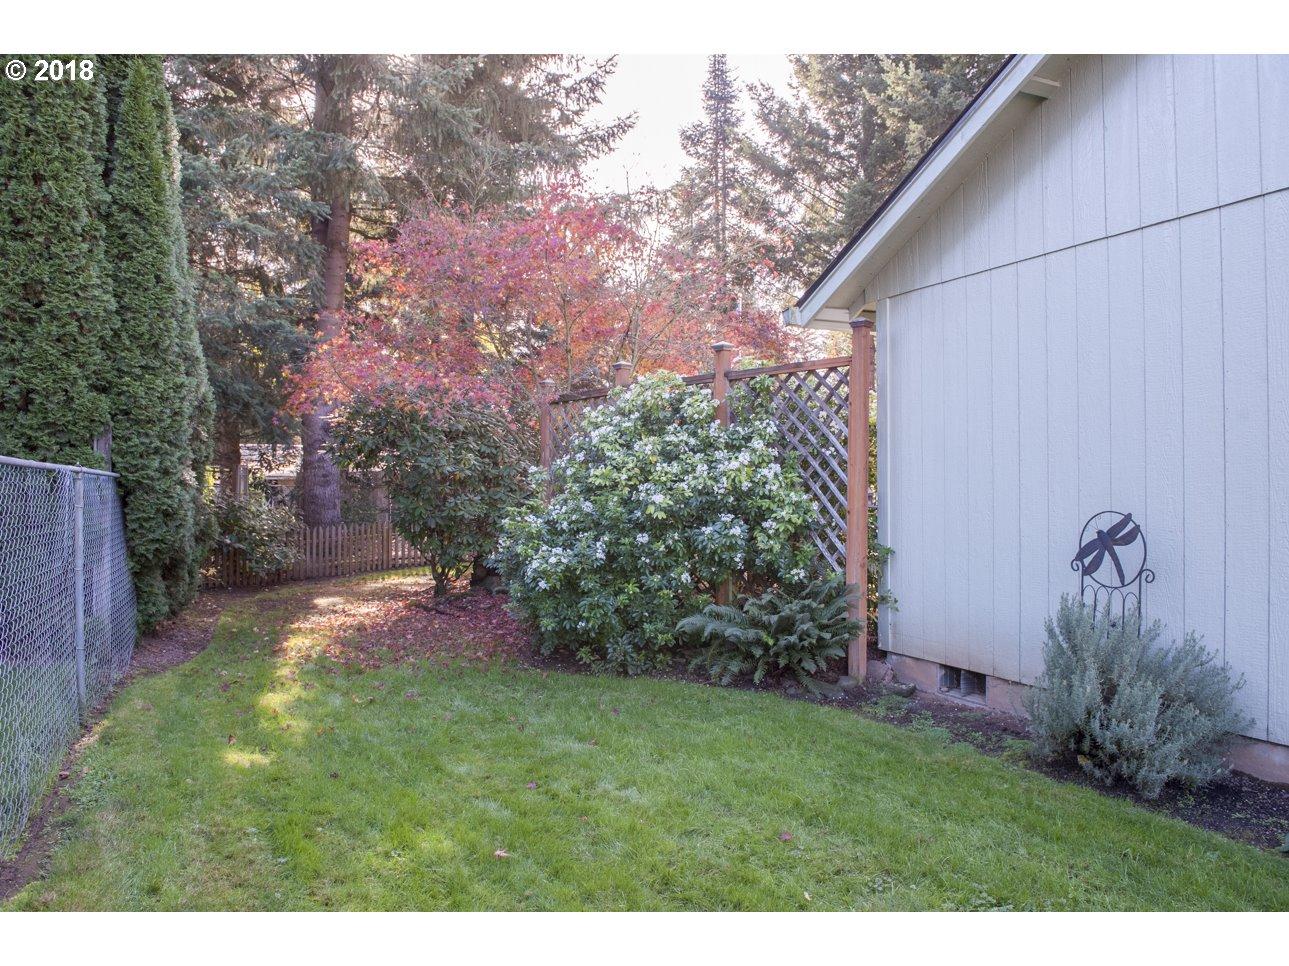 13215 NE 30TH ST Vancouver, WA 98682 - MLS #: 18652780